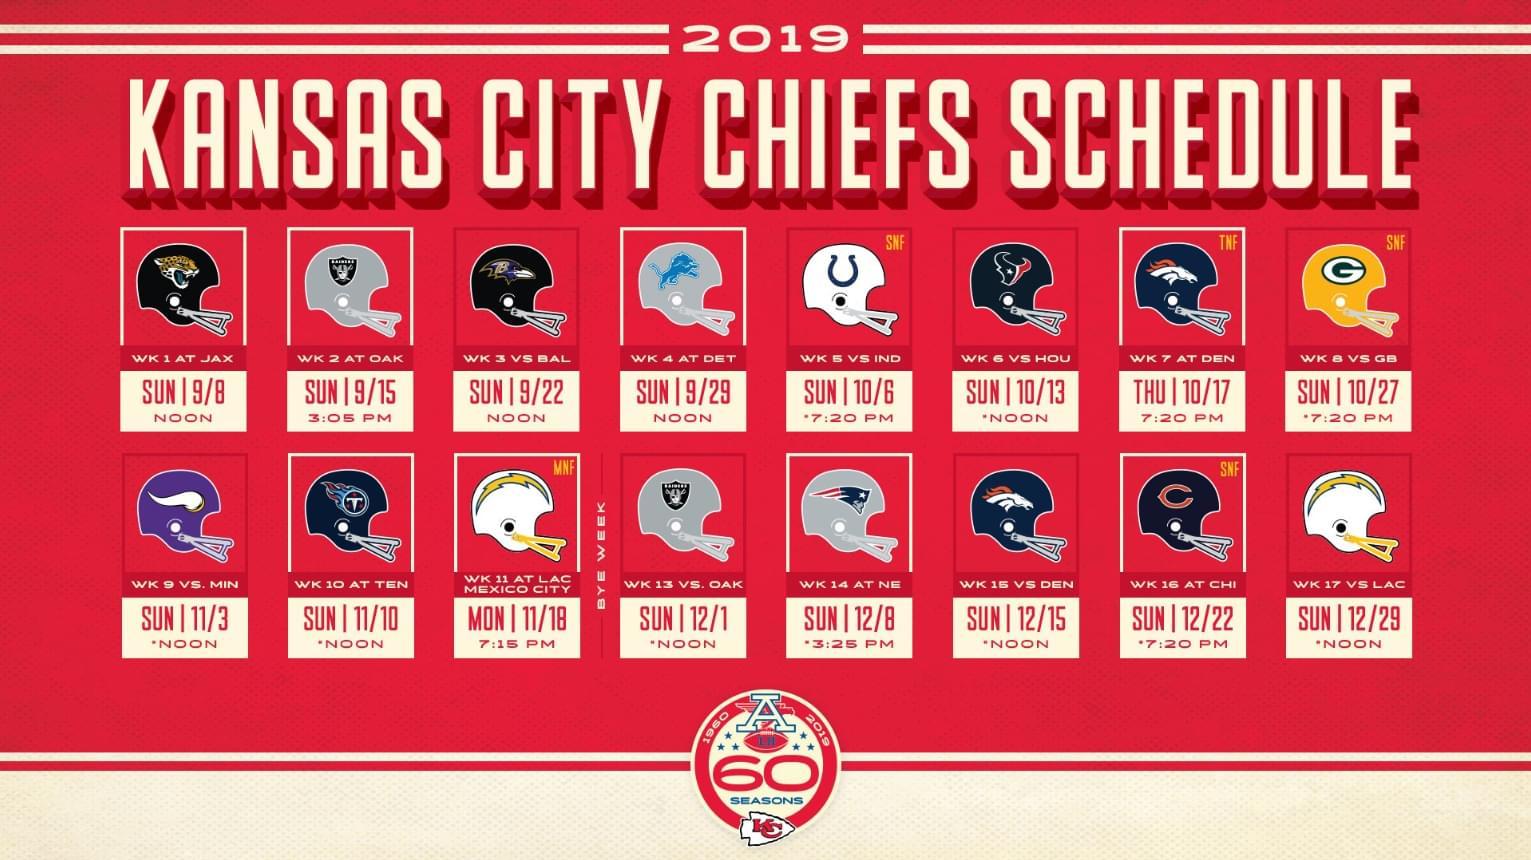 2019 Kansas City Chiefs Schedule